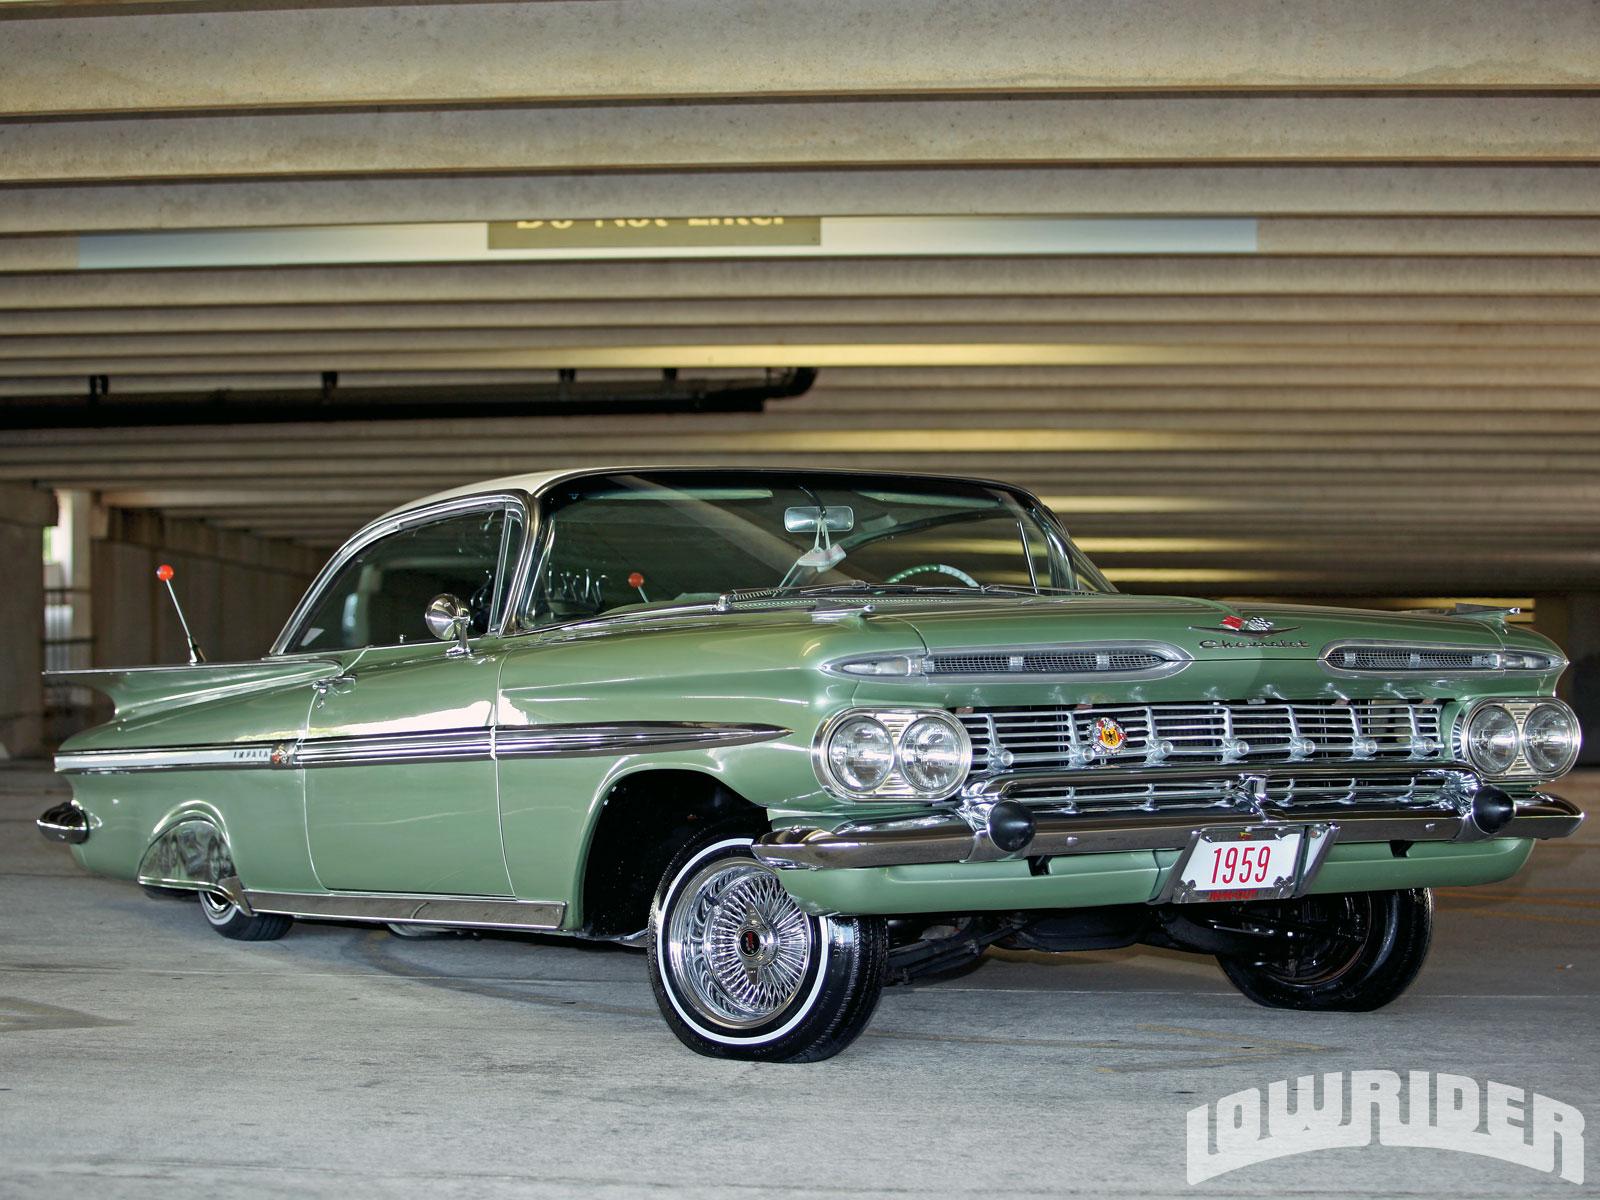 Kekurangan Impala 1959 Spesifikasi